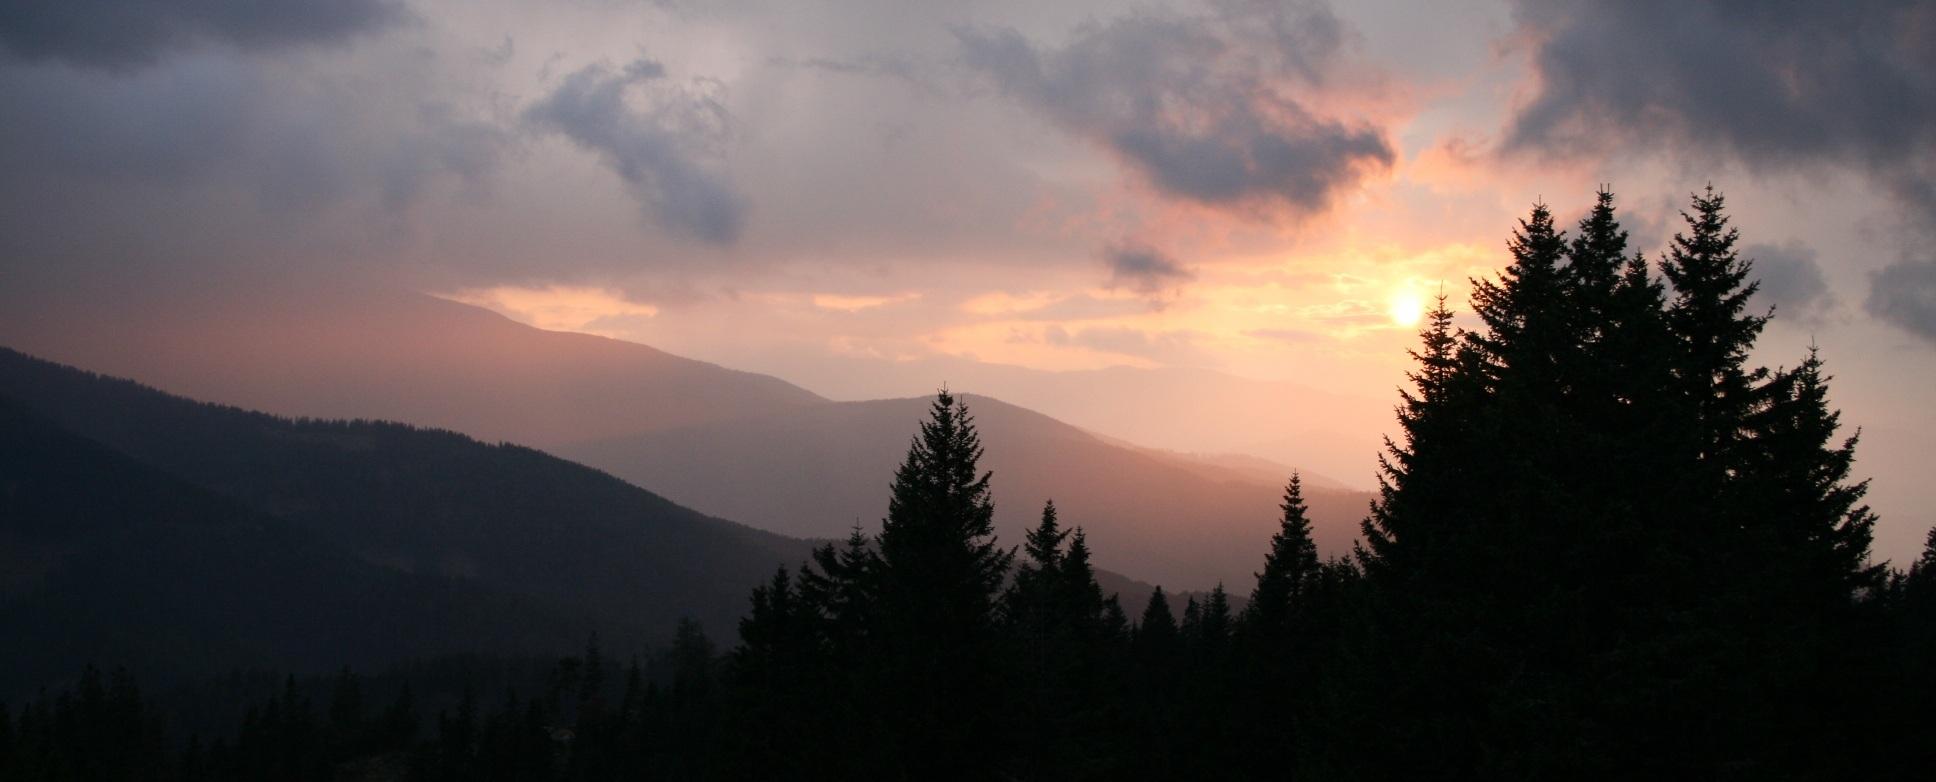 Images gratuites la nature for t montagne nuage lever du soleil le coucher du soleil - Meteo lever et coucher du soleil ...